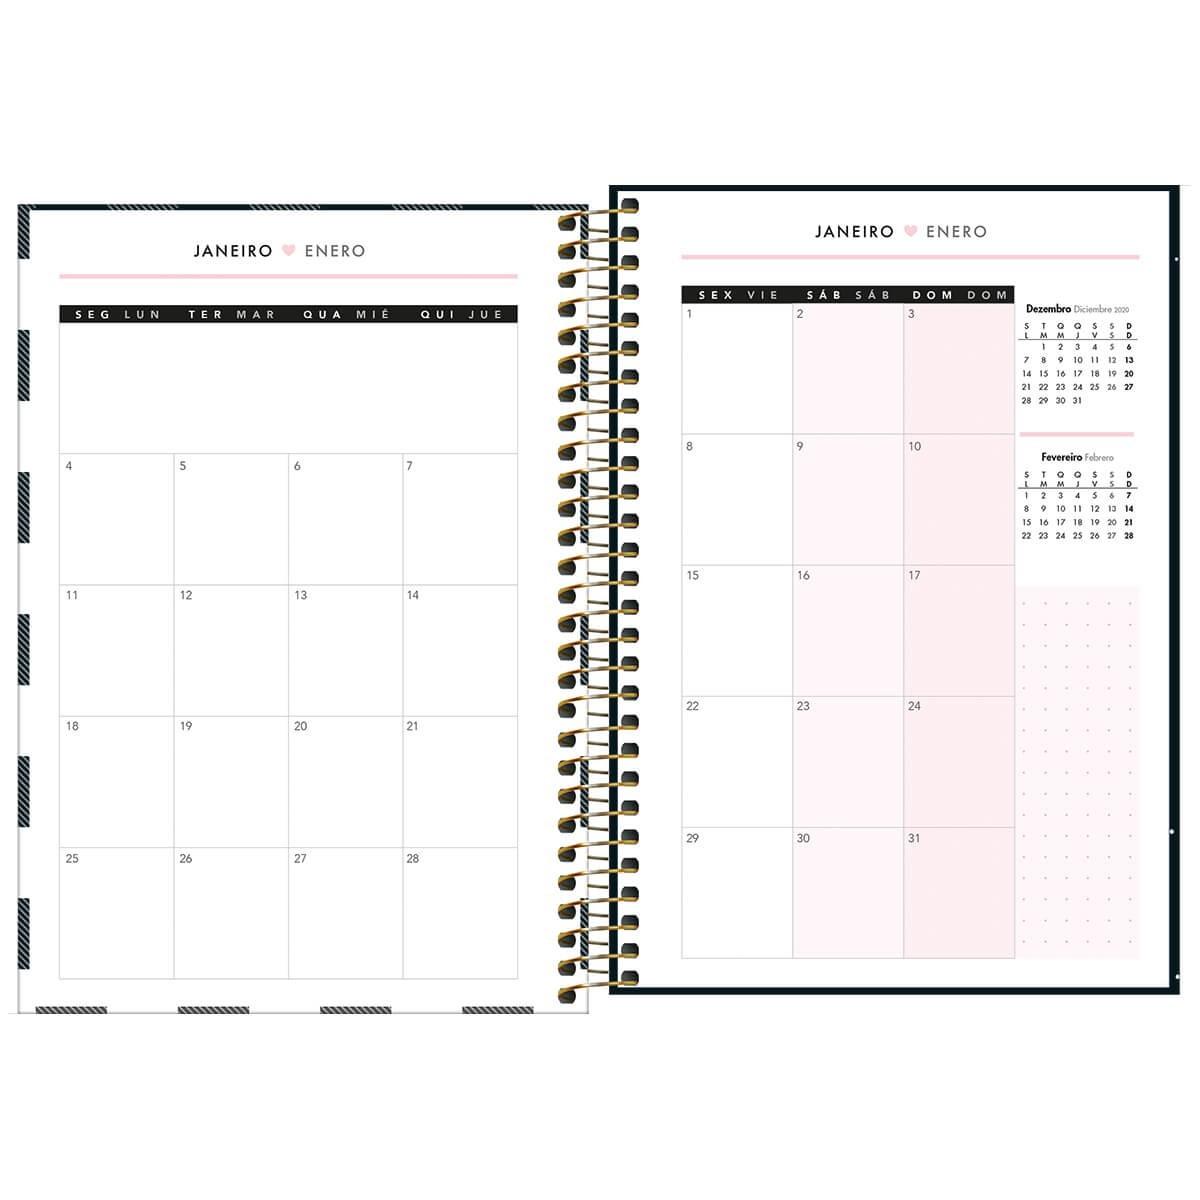 Agenda Planner Espiral West Village 2021 1 Tilibra